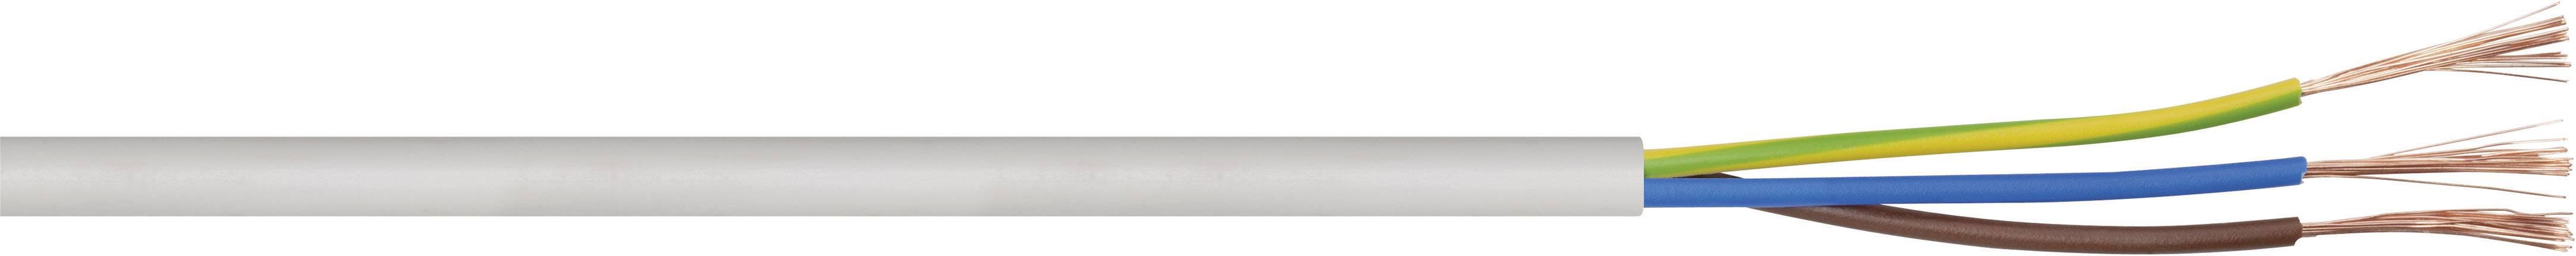 Vícežílový kabel LappKabel H03VV-F, 49900065, 2 x 0.75 mm², bílá, metrové zboží